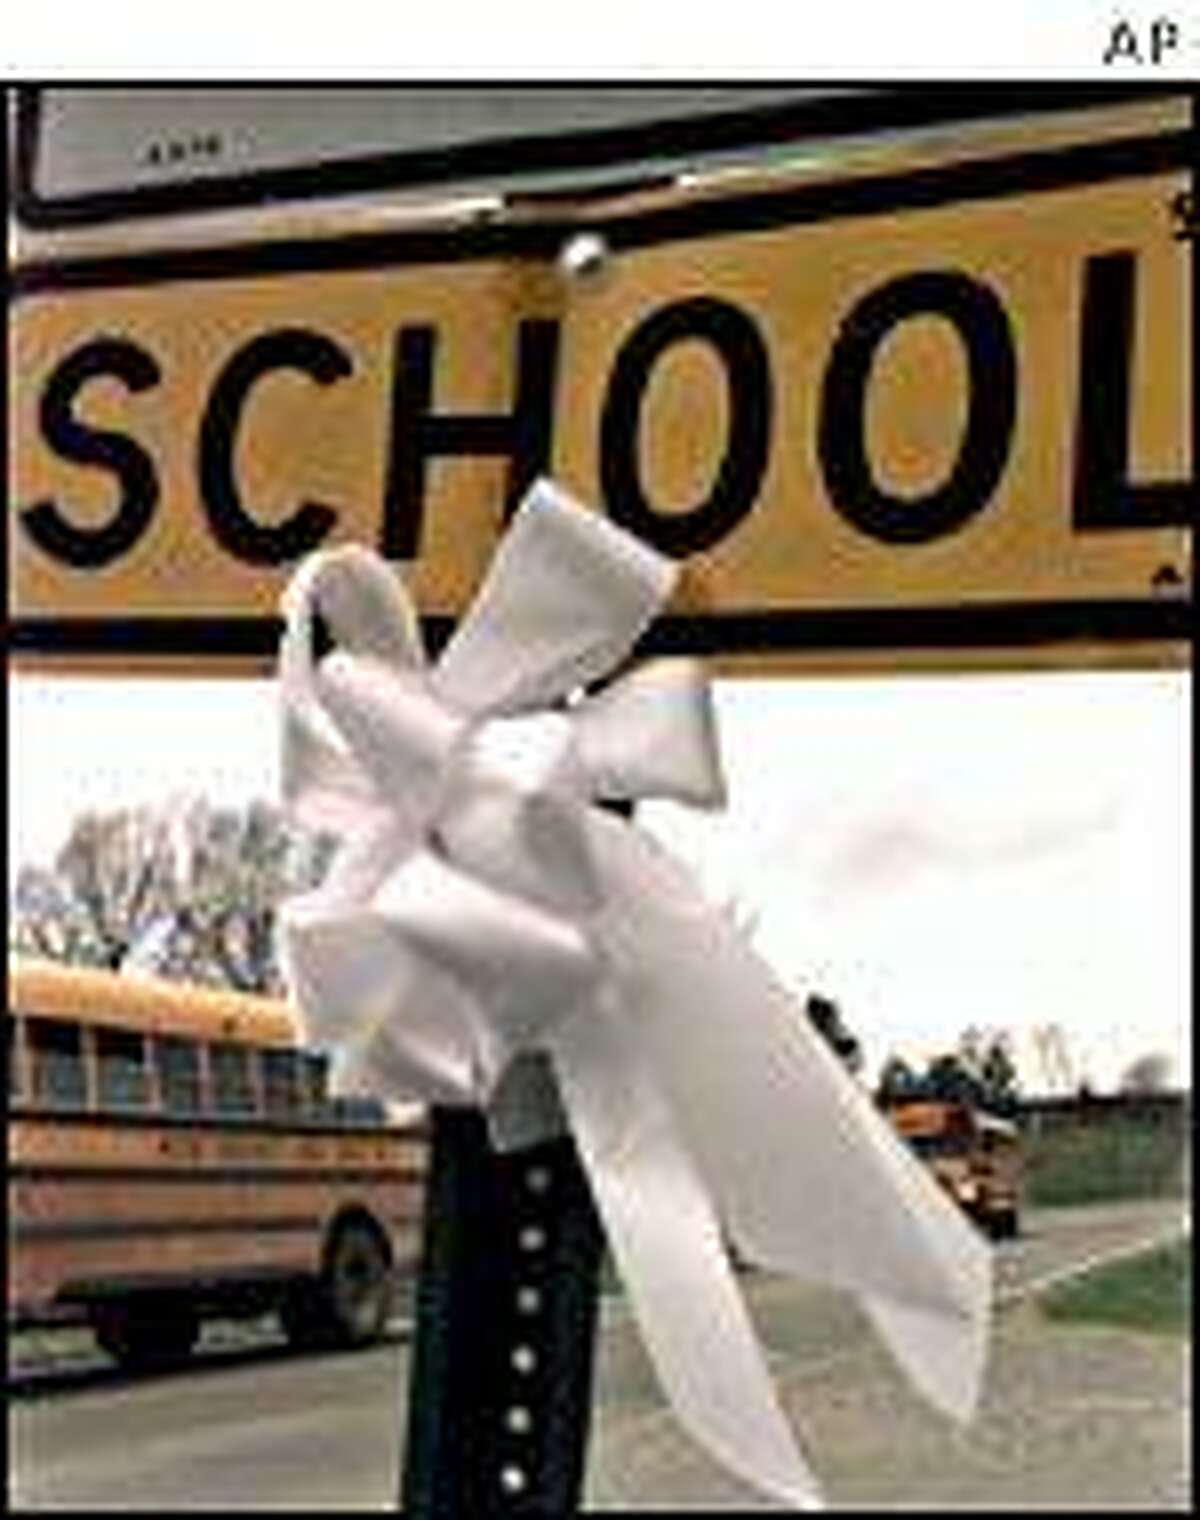 Jonesboro memorial. AP image